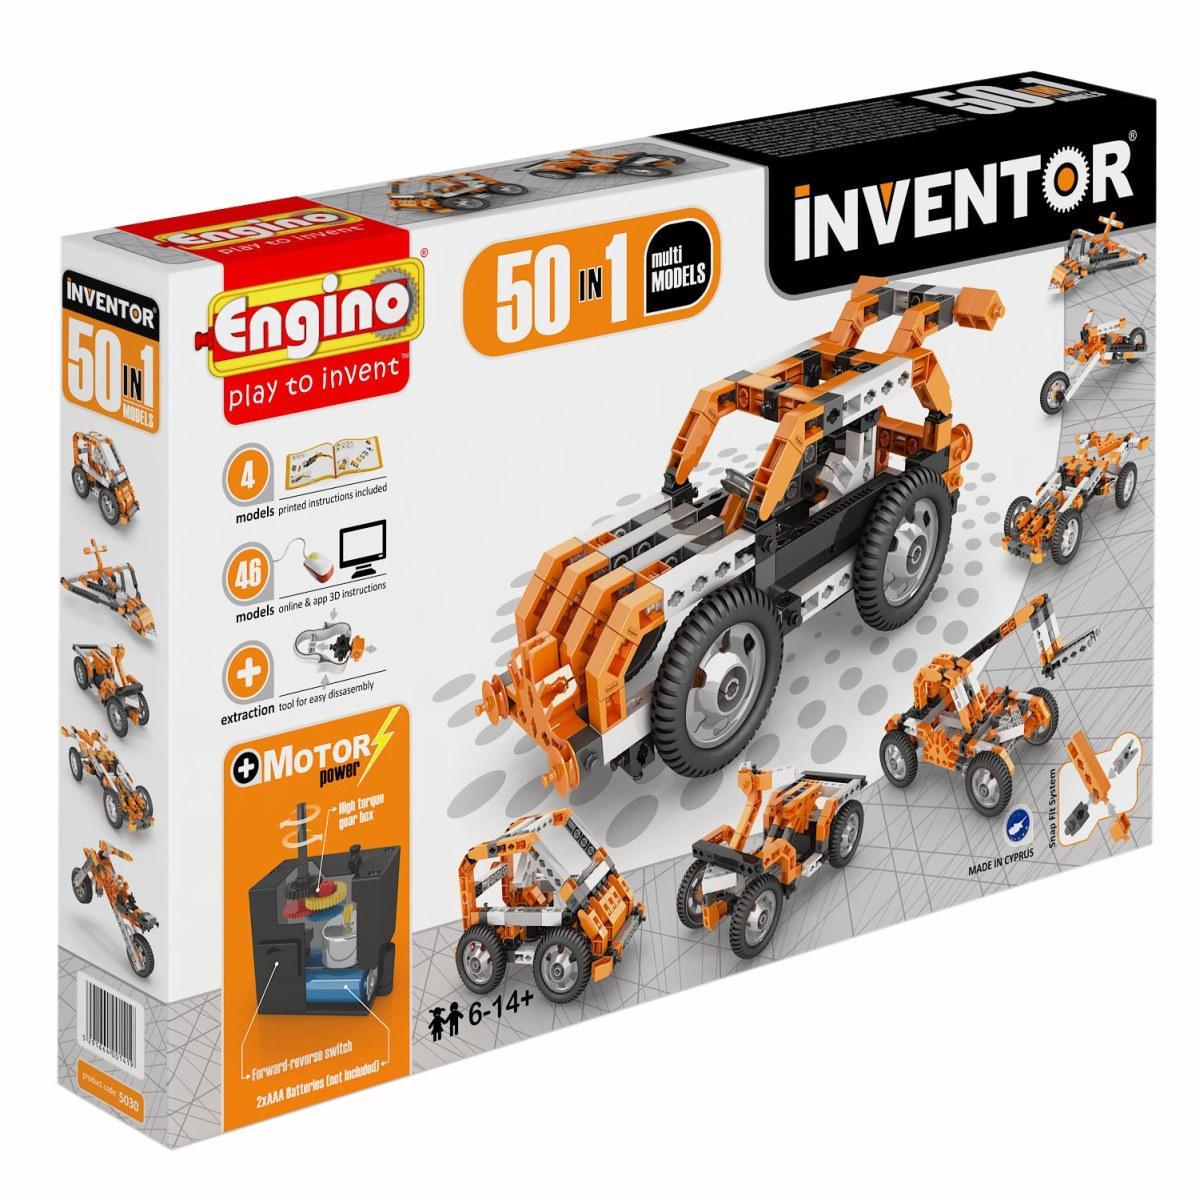 Конструктор ENGINO 5030 INVENTOR Набор из 50 моделей с мотором